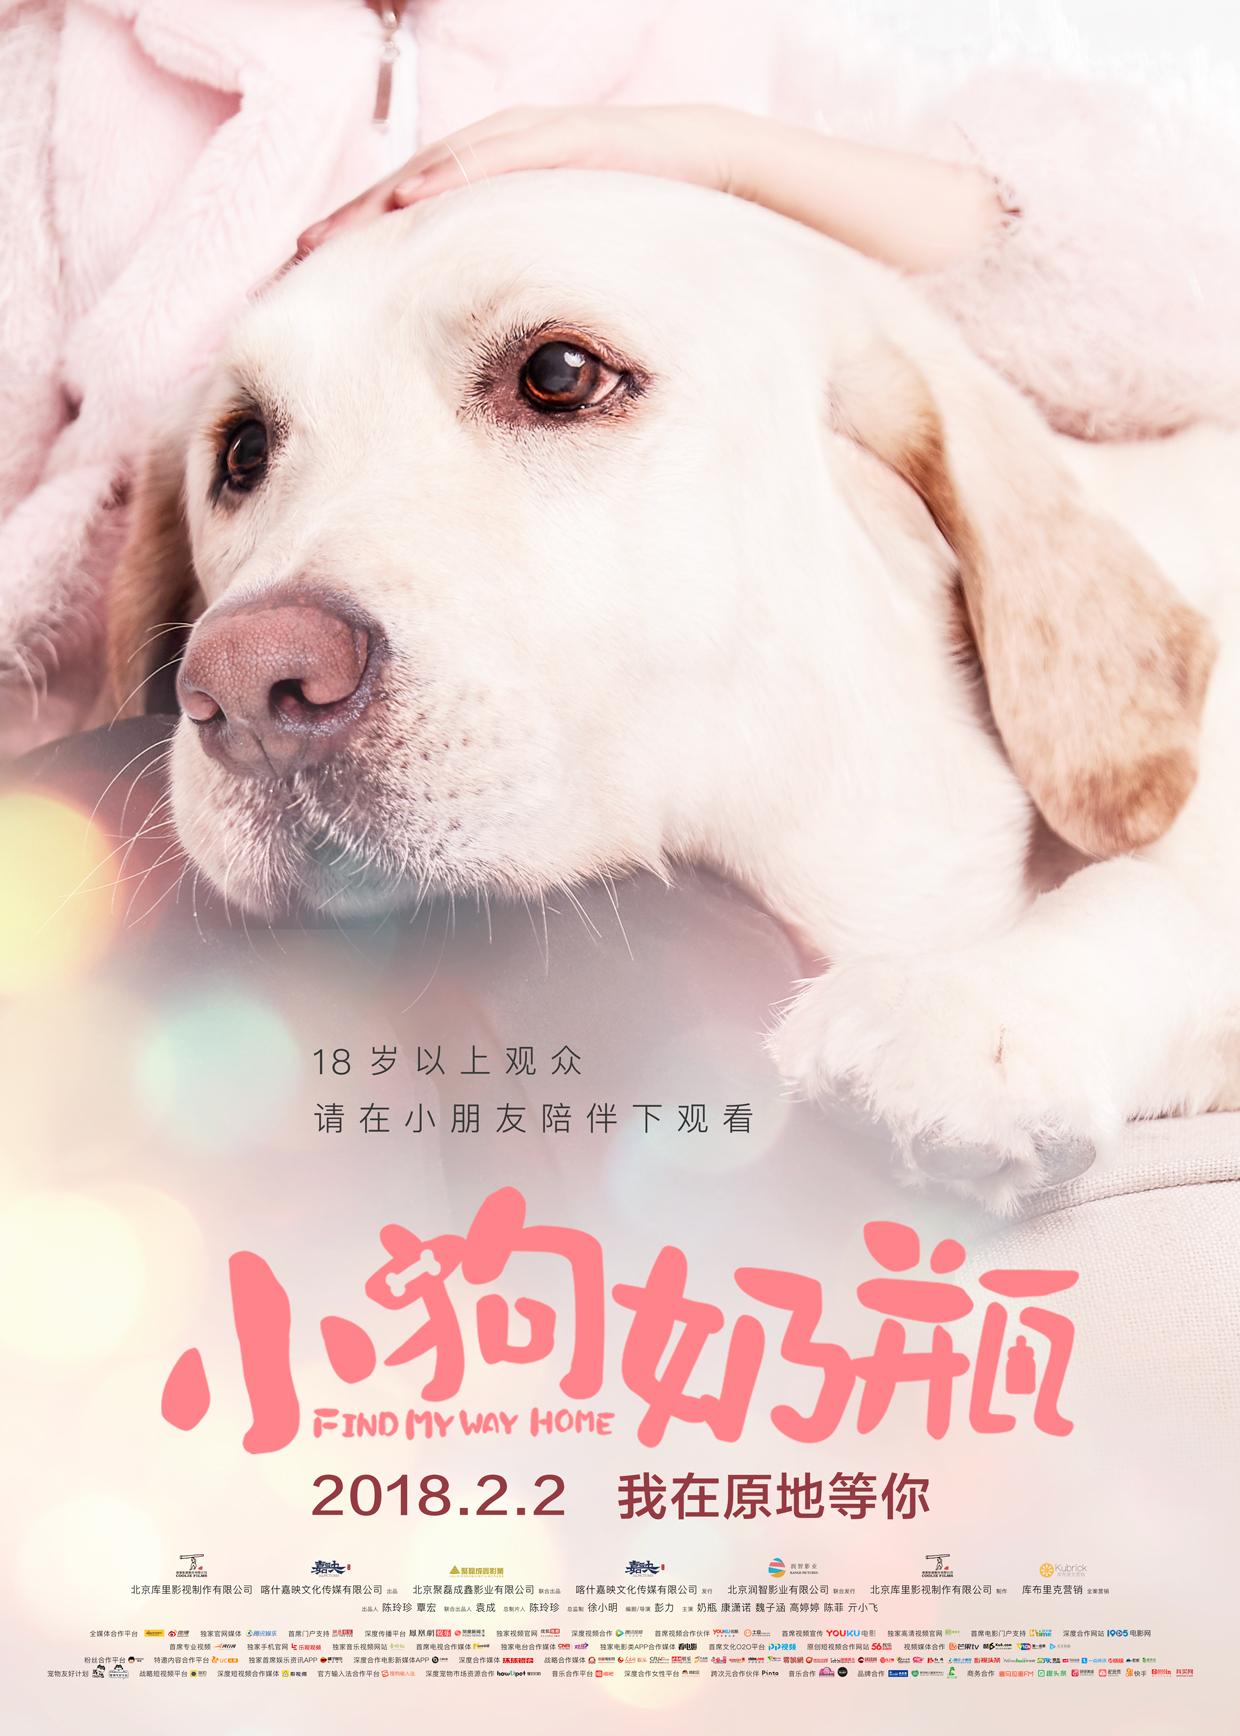 《小狗奶瓶》海报预告双发 爱与陪伴诠释成长真谛